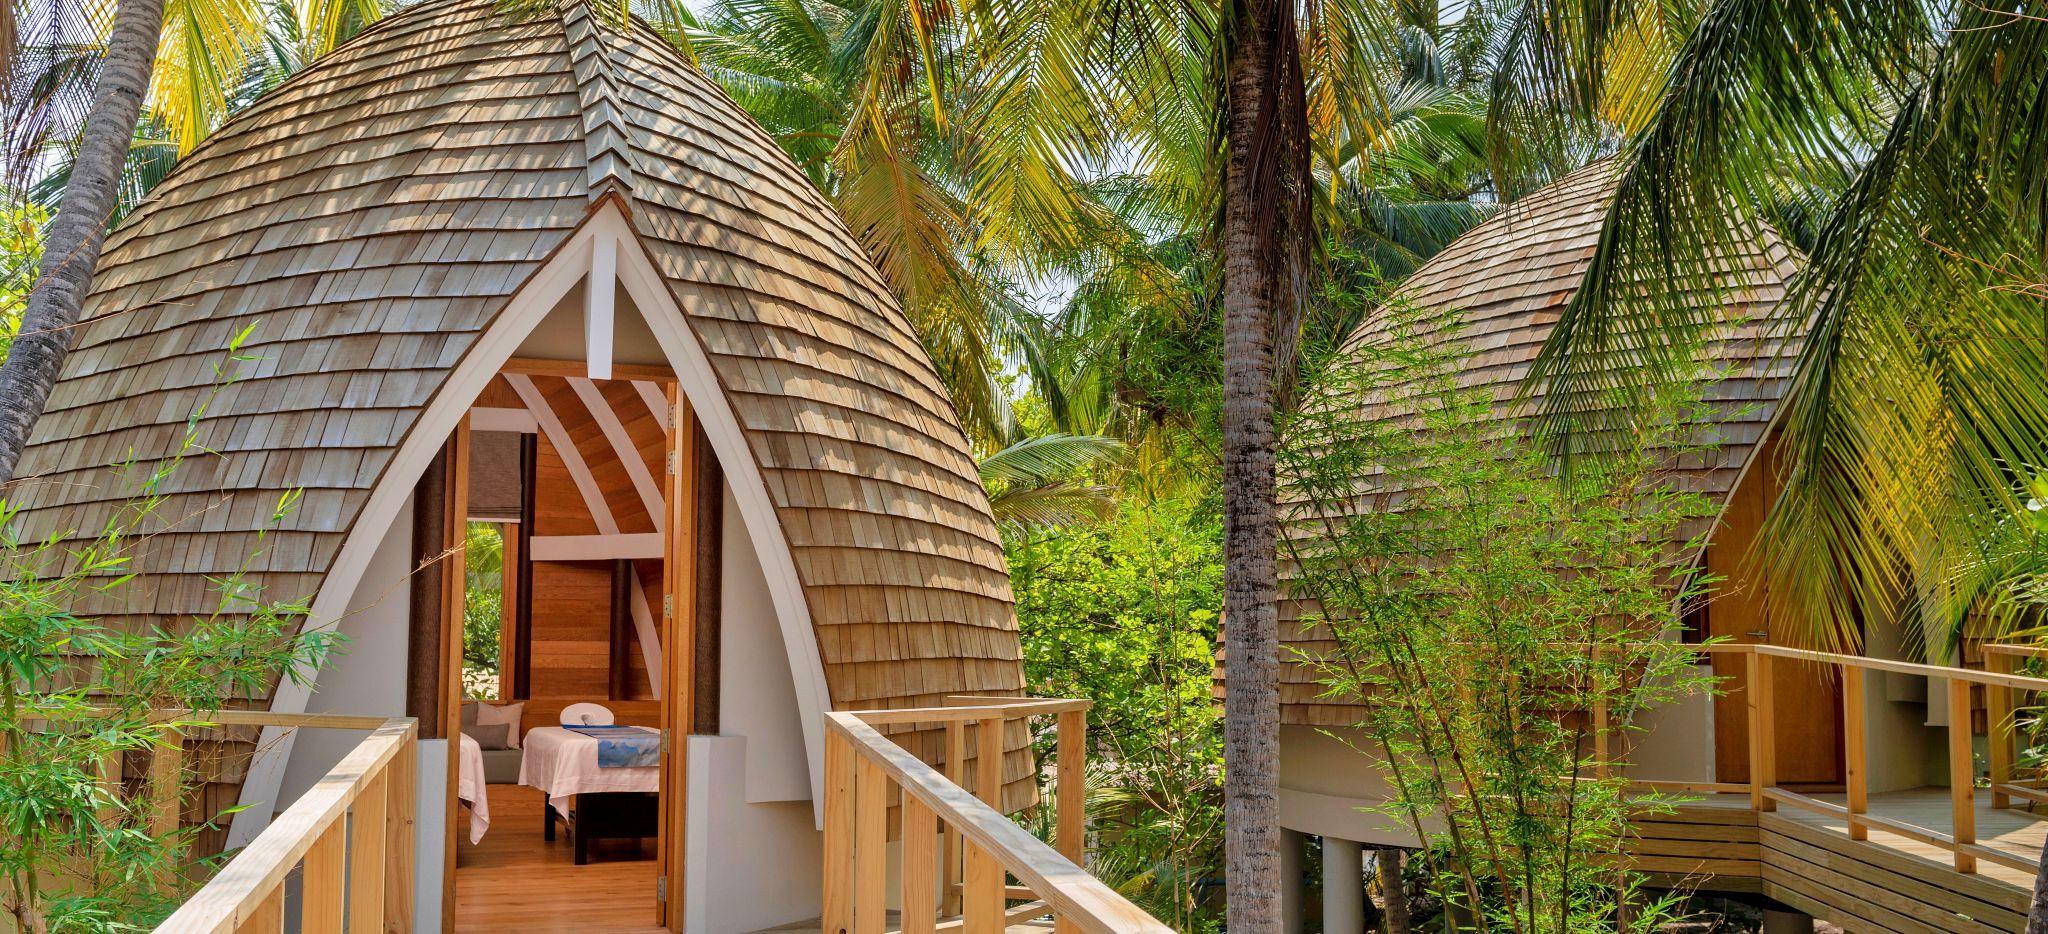 Massageräume in Faarufushi Maldives, in die Natur eingefasst. Eierförmig in die Natur eingefügt, aus natürlichen Stoffen gefertigt